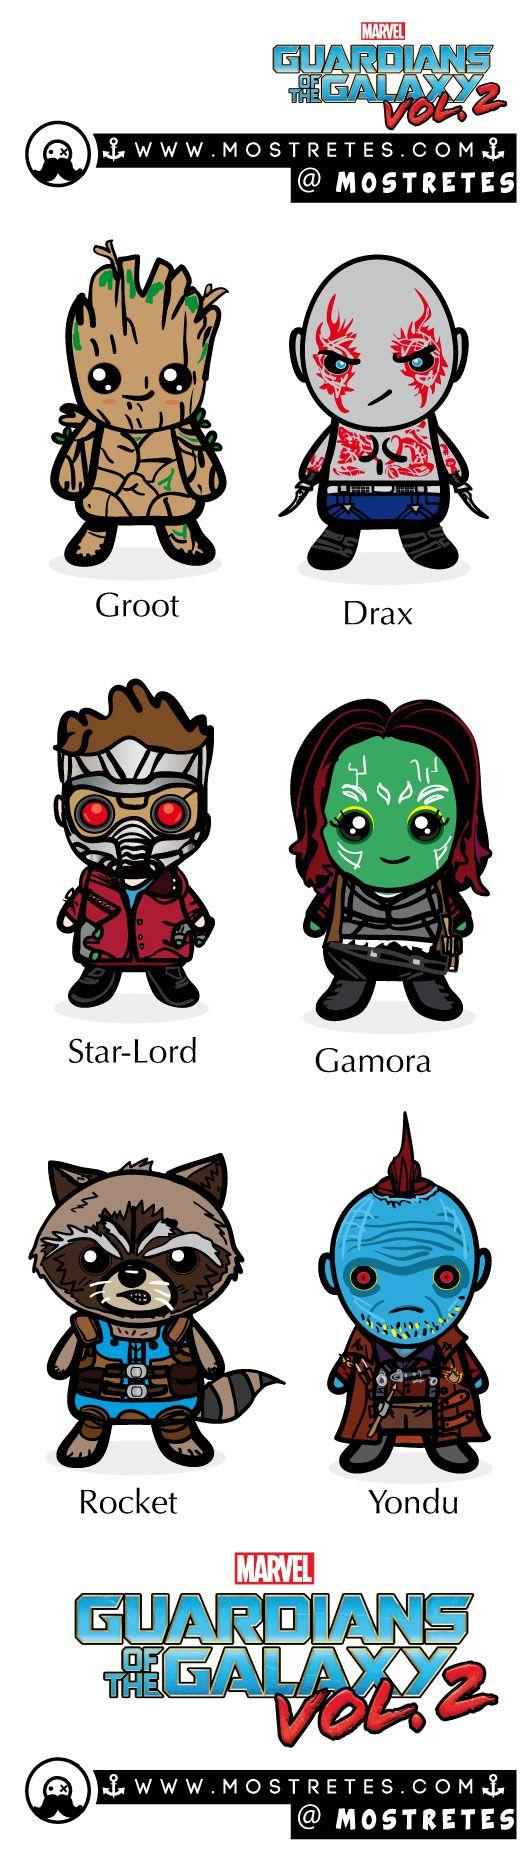 Guardianes de la galaxia 2, personajes ilustrados en el formato mostretes. groot, drax, starlord, gamora, Rocket, y Yondu #guardianesdelagalaxia